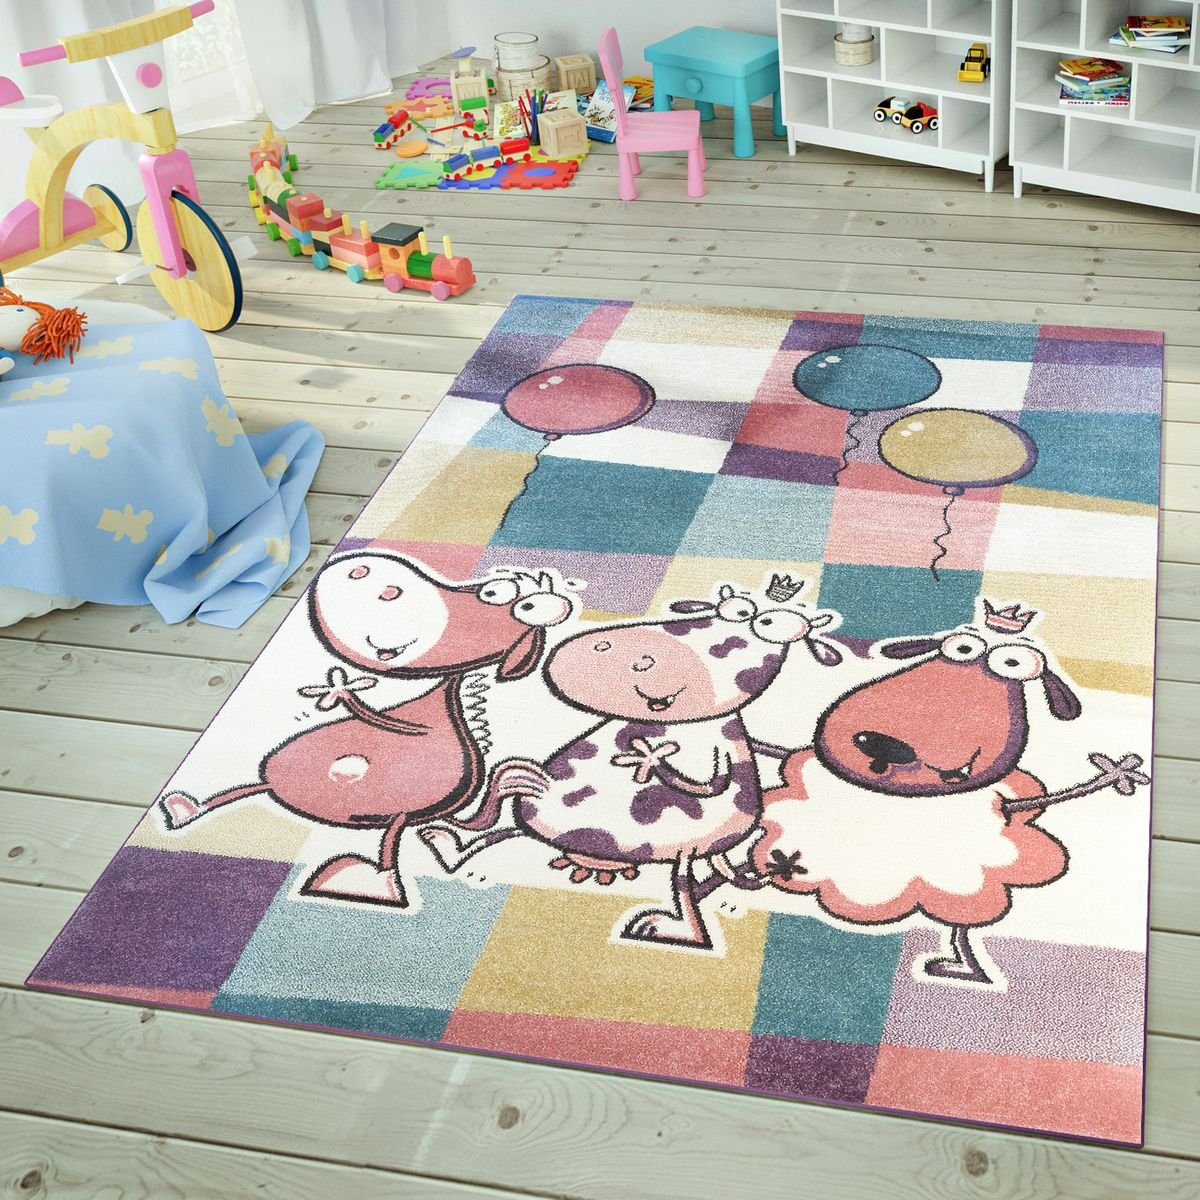 TT Home Moderner Kinderteppich Spielzimmer Lustige Kühe Karo Muster Bunte Farben Pastell, Größe 120x170 cm